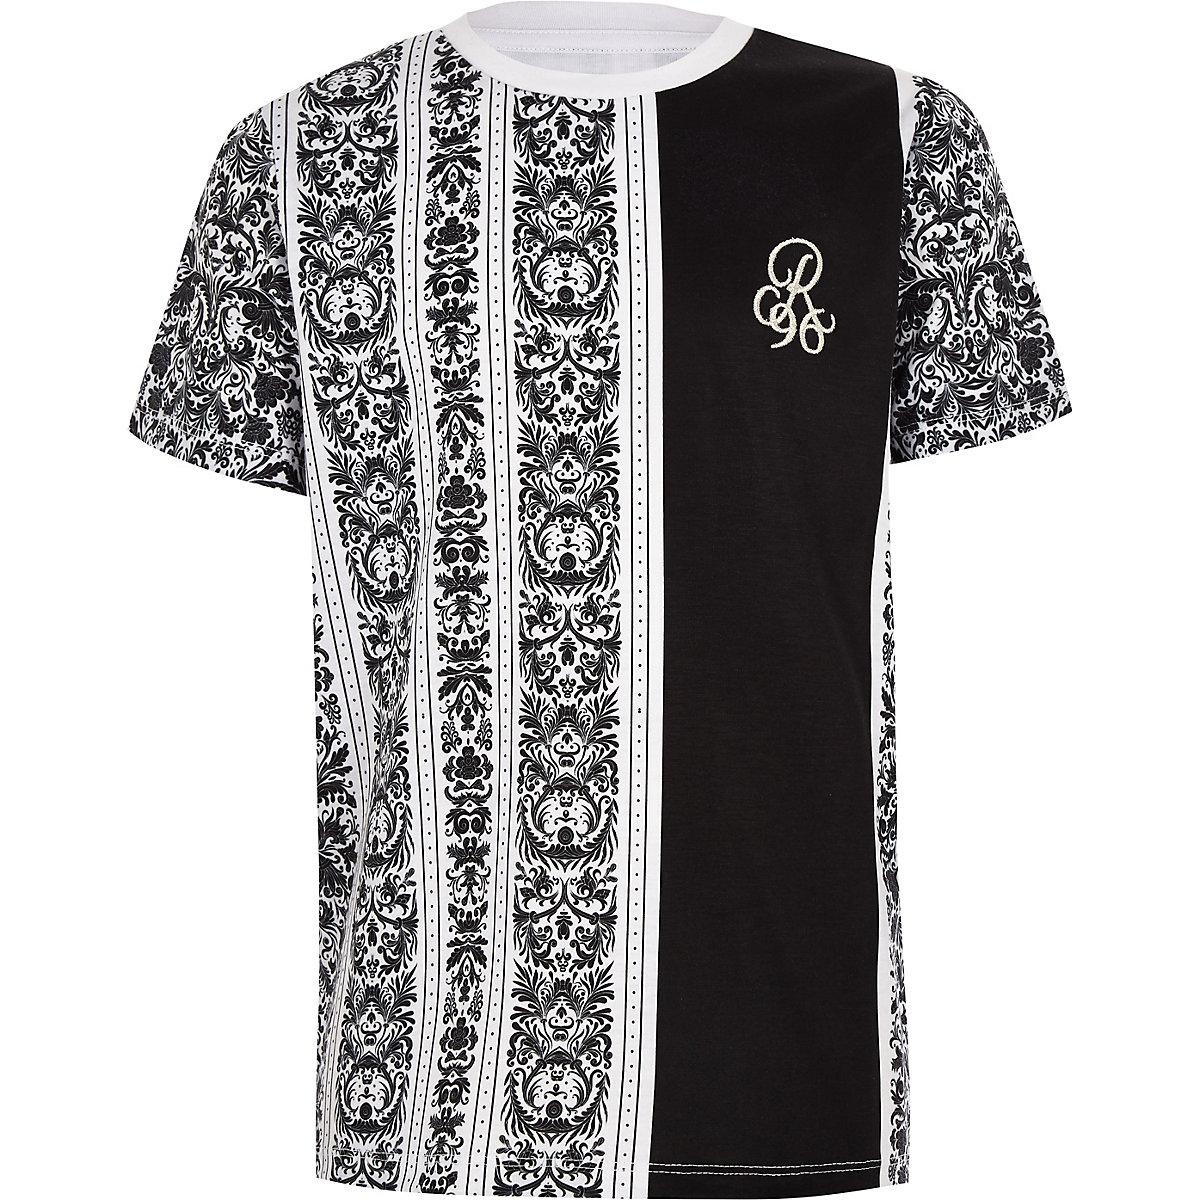 """T-Shirt """"R96"""" mit Barock-Print"""